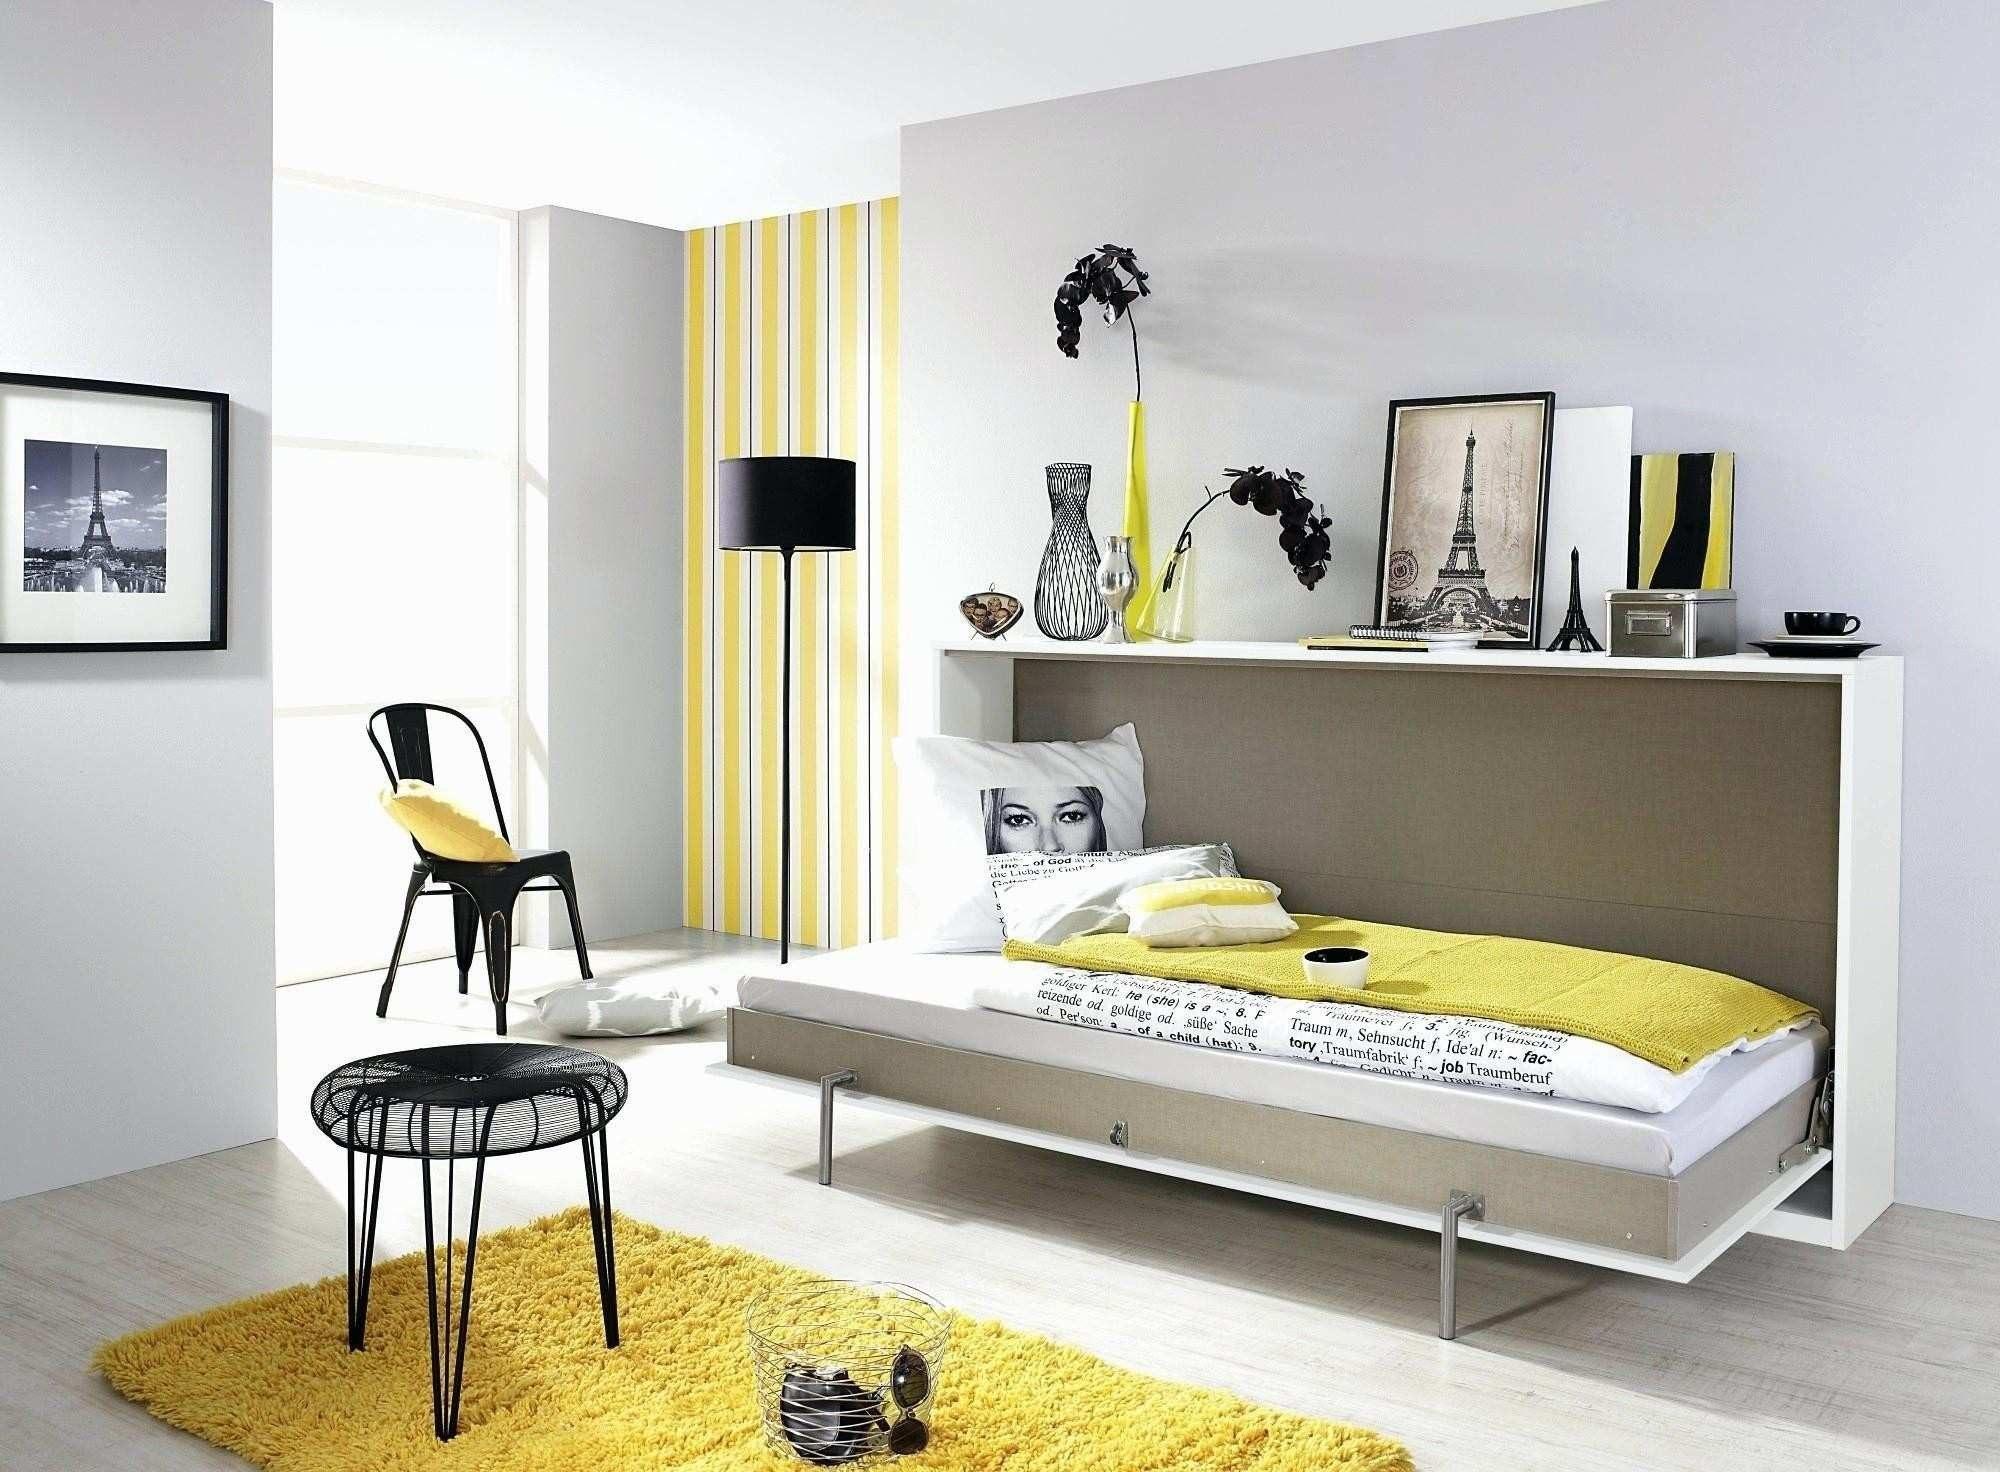 Lit En Fer Ikea Fraîche Enchanteur Canape 2 Place Ikea Et Lit Convertible 2 Places Ikea